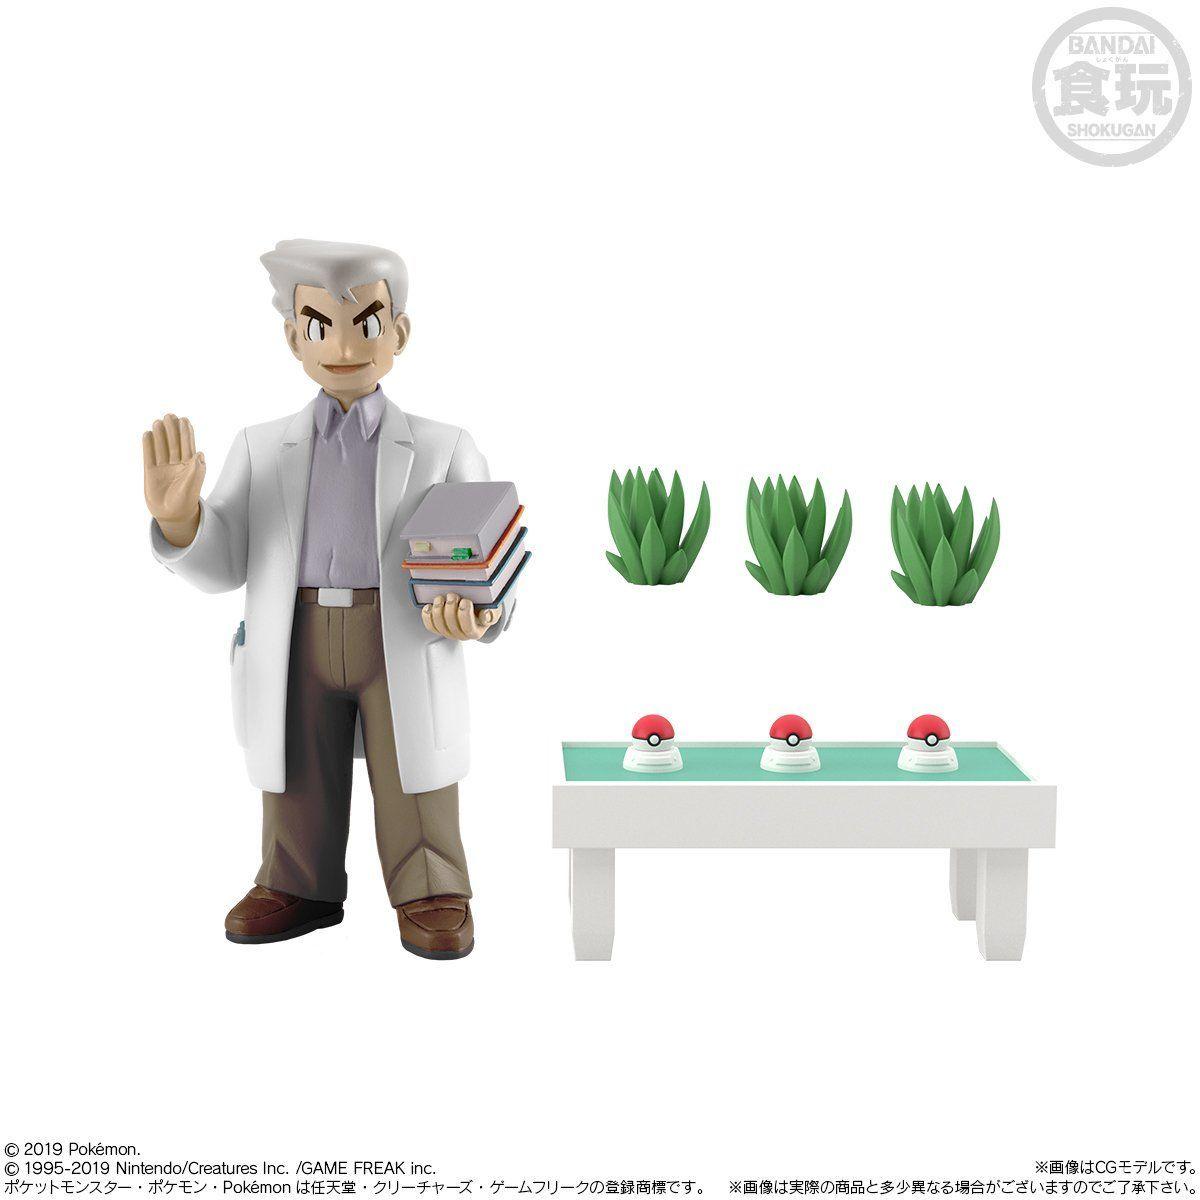 【食玩】ポケモンスケールワールド カントー『 オーキド博士セット』1/20 完成品フィギュア-005